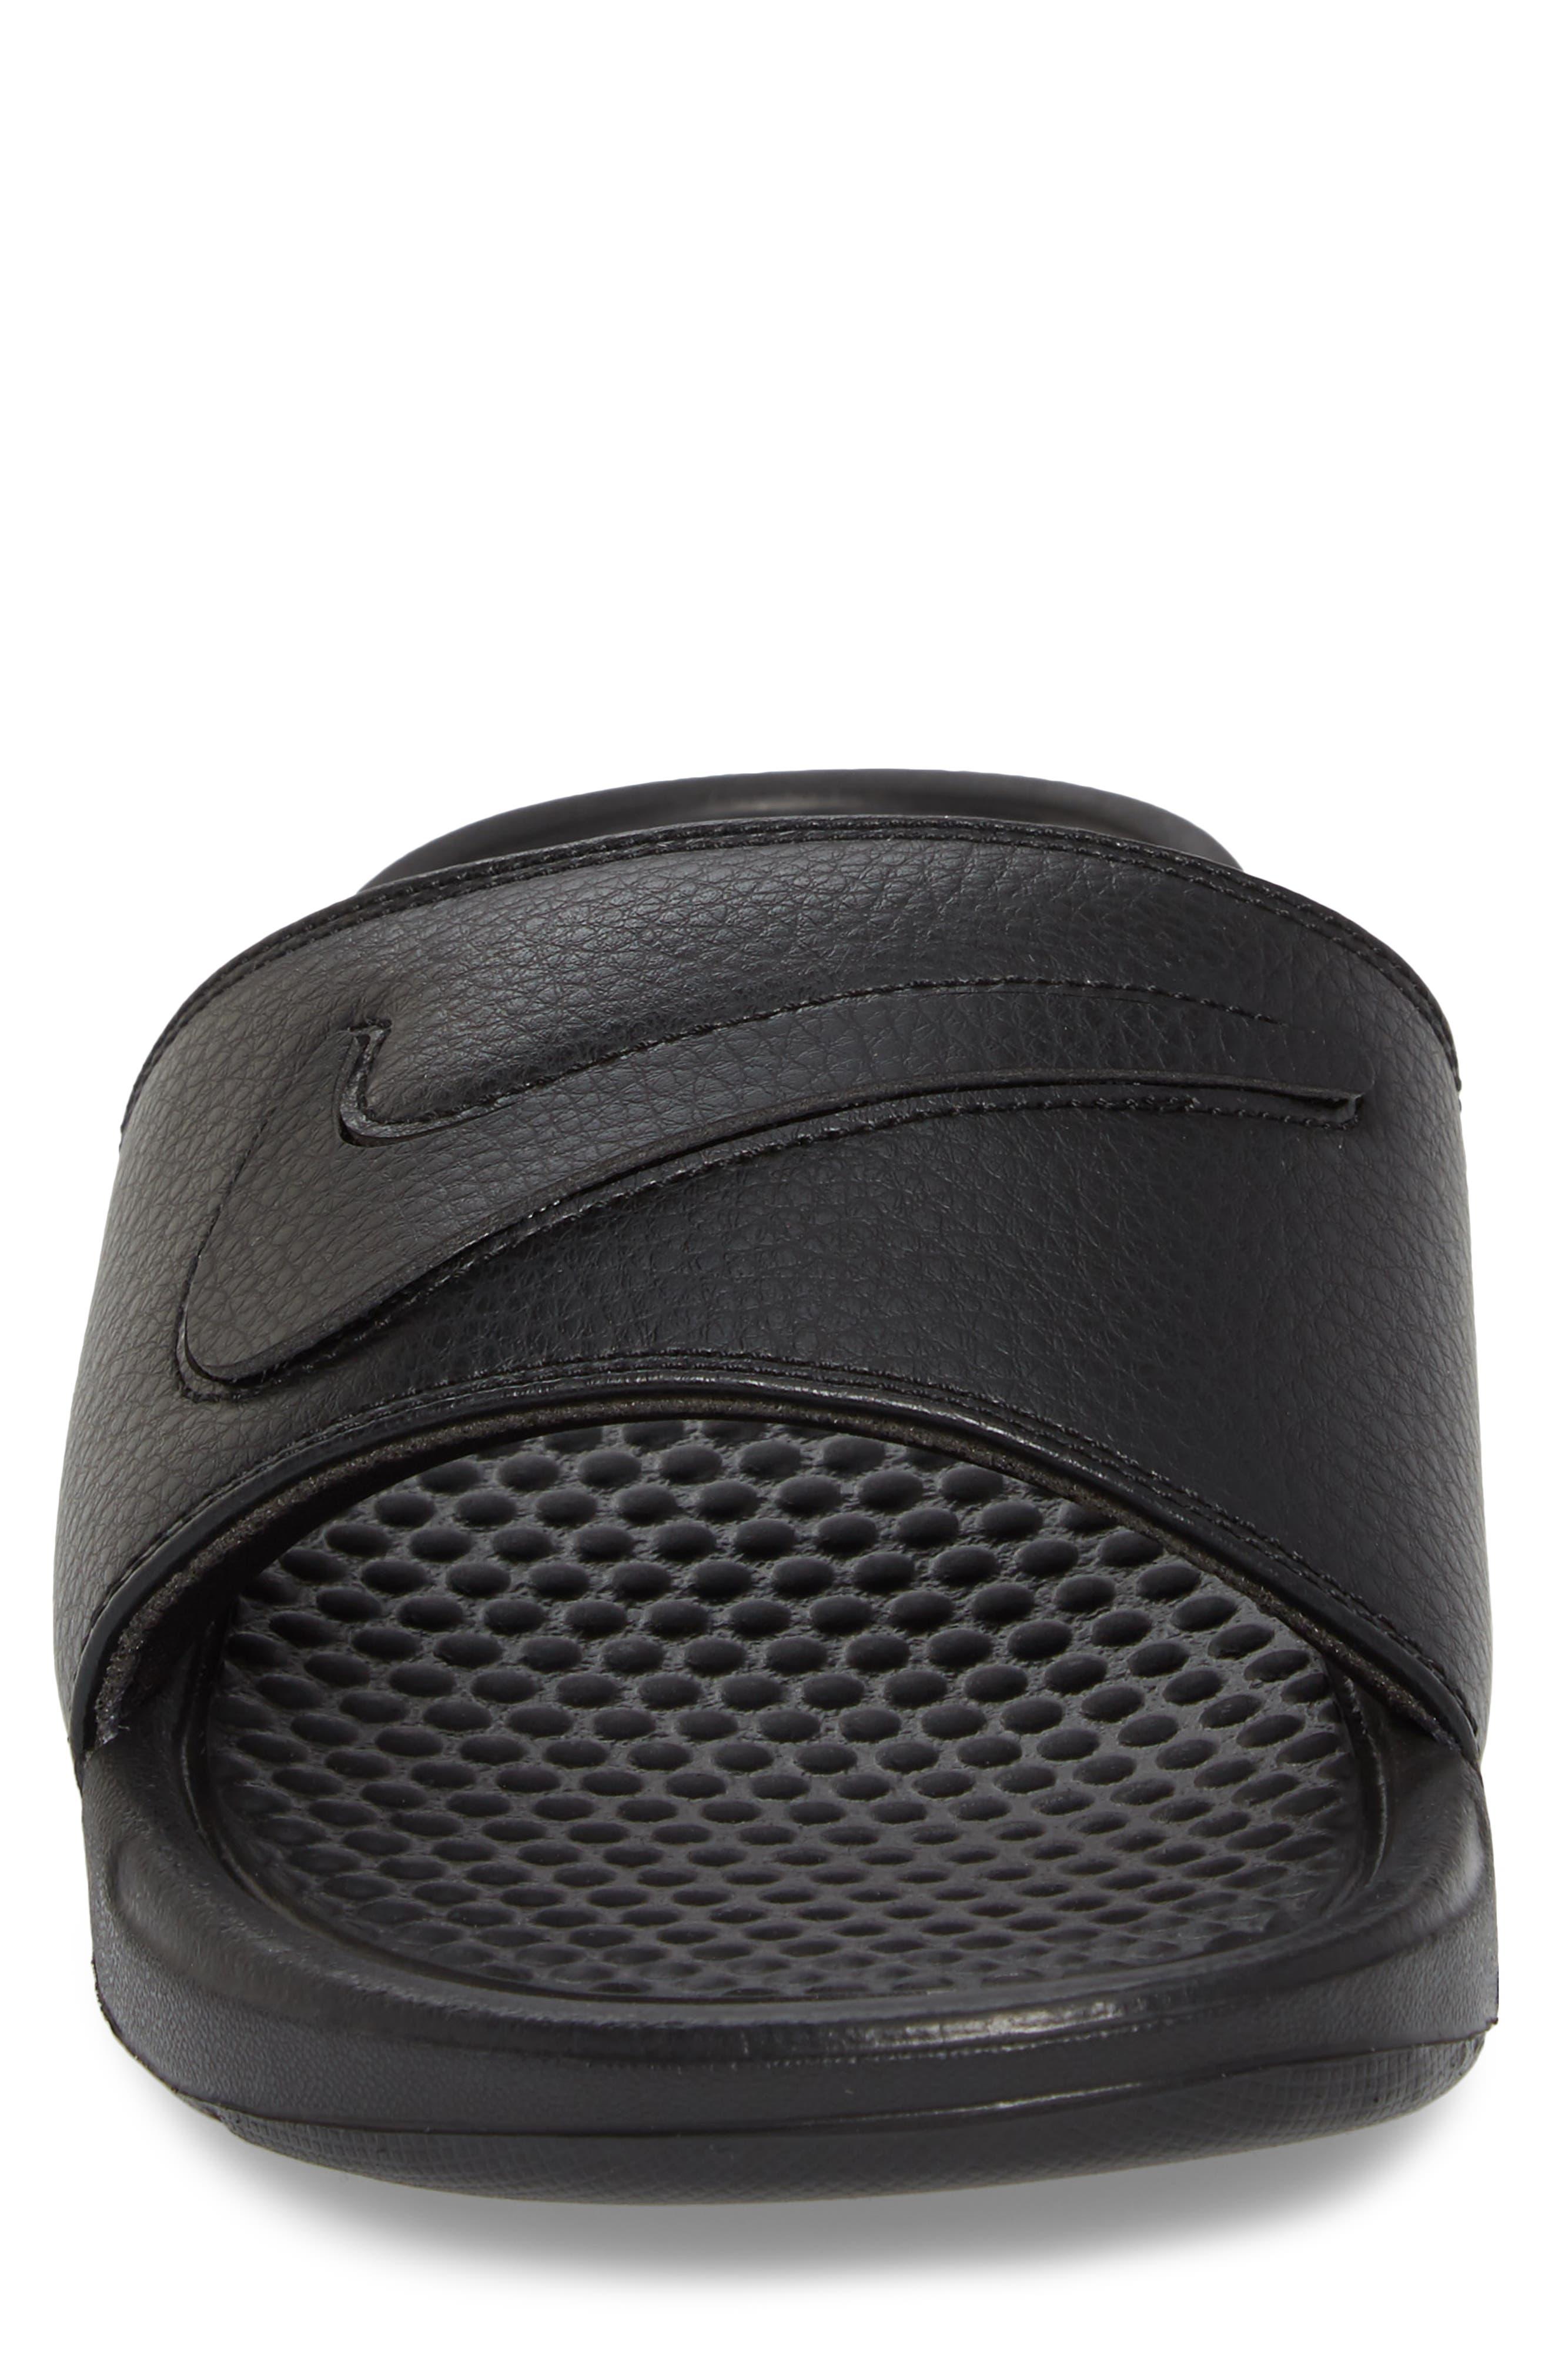 NIKE,                             Benassi JDI Customizable Slide Sandal,                             Alternate thumbnail 4, color,                             001